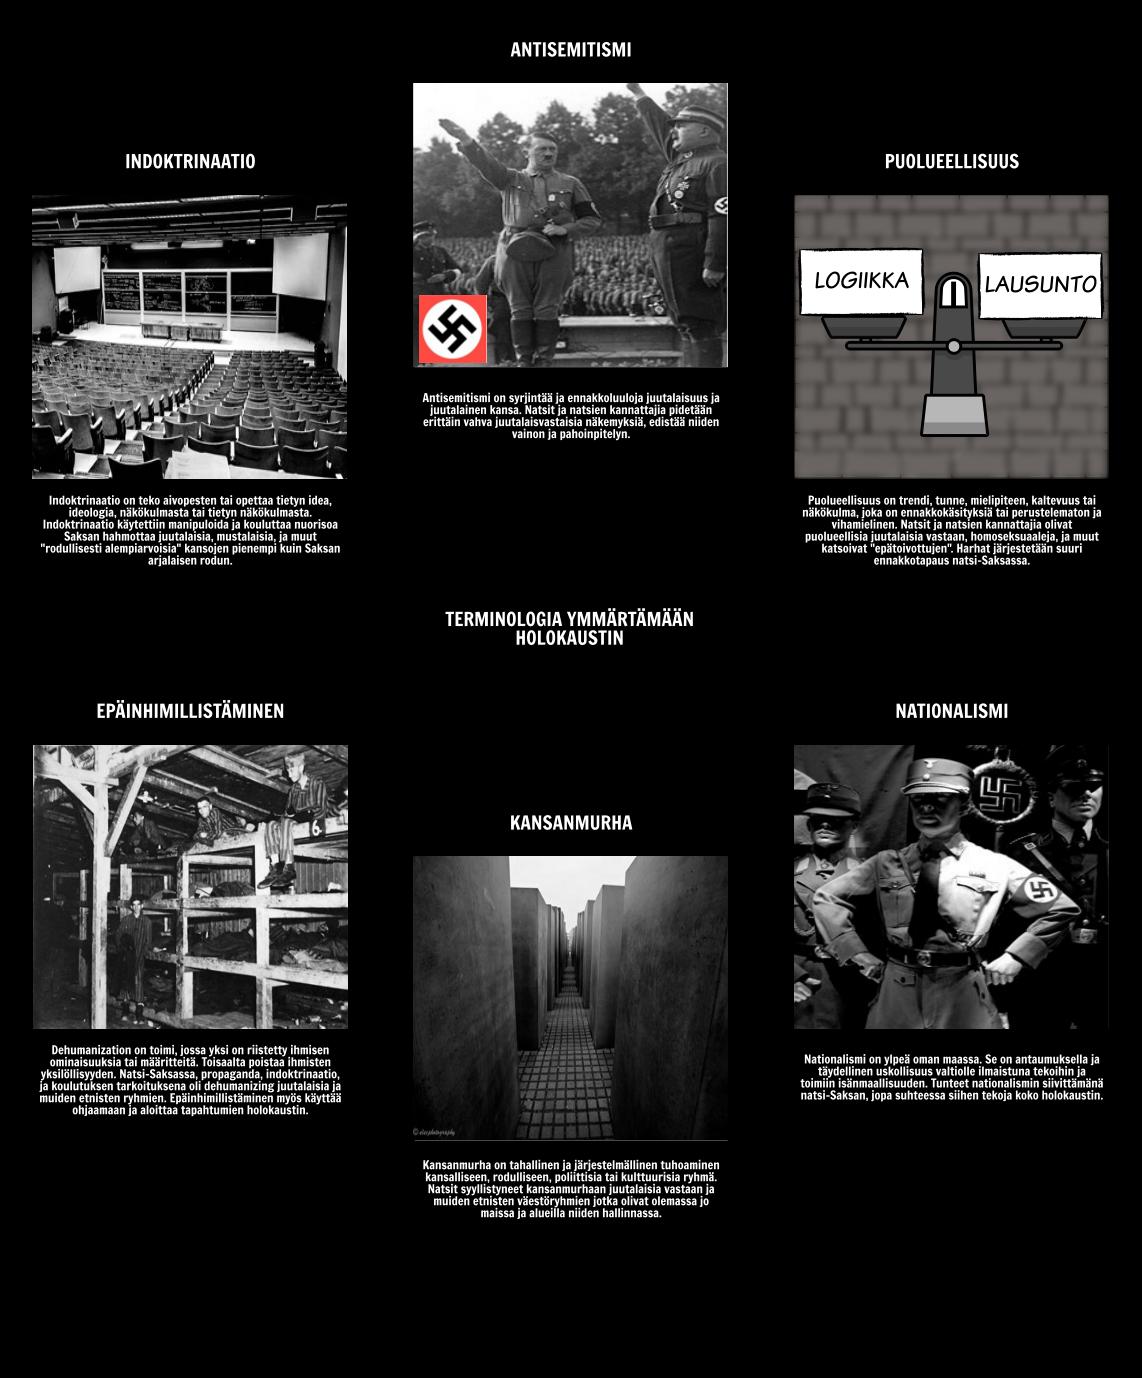 Historia Holokaustin - Terminologia Ymmärtäminen Holokaustin